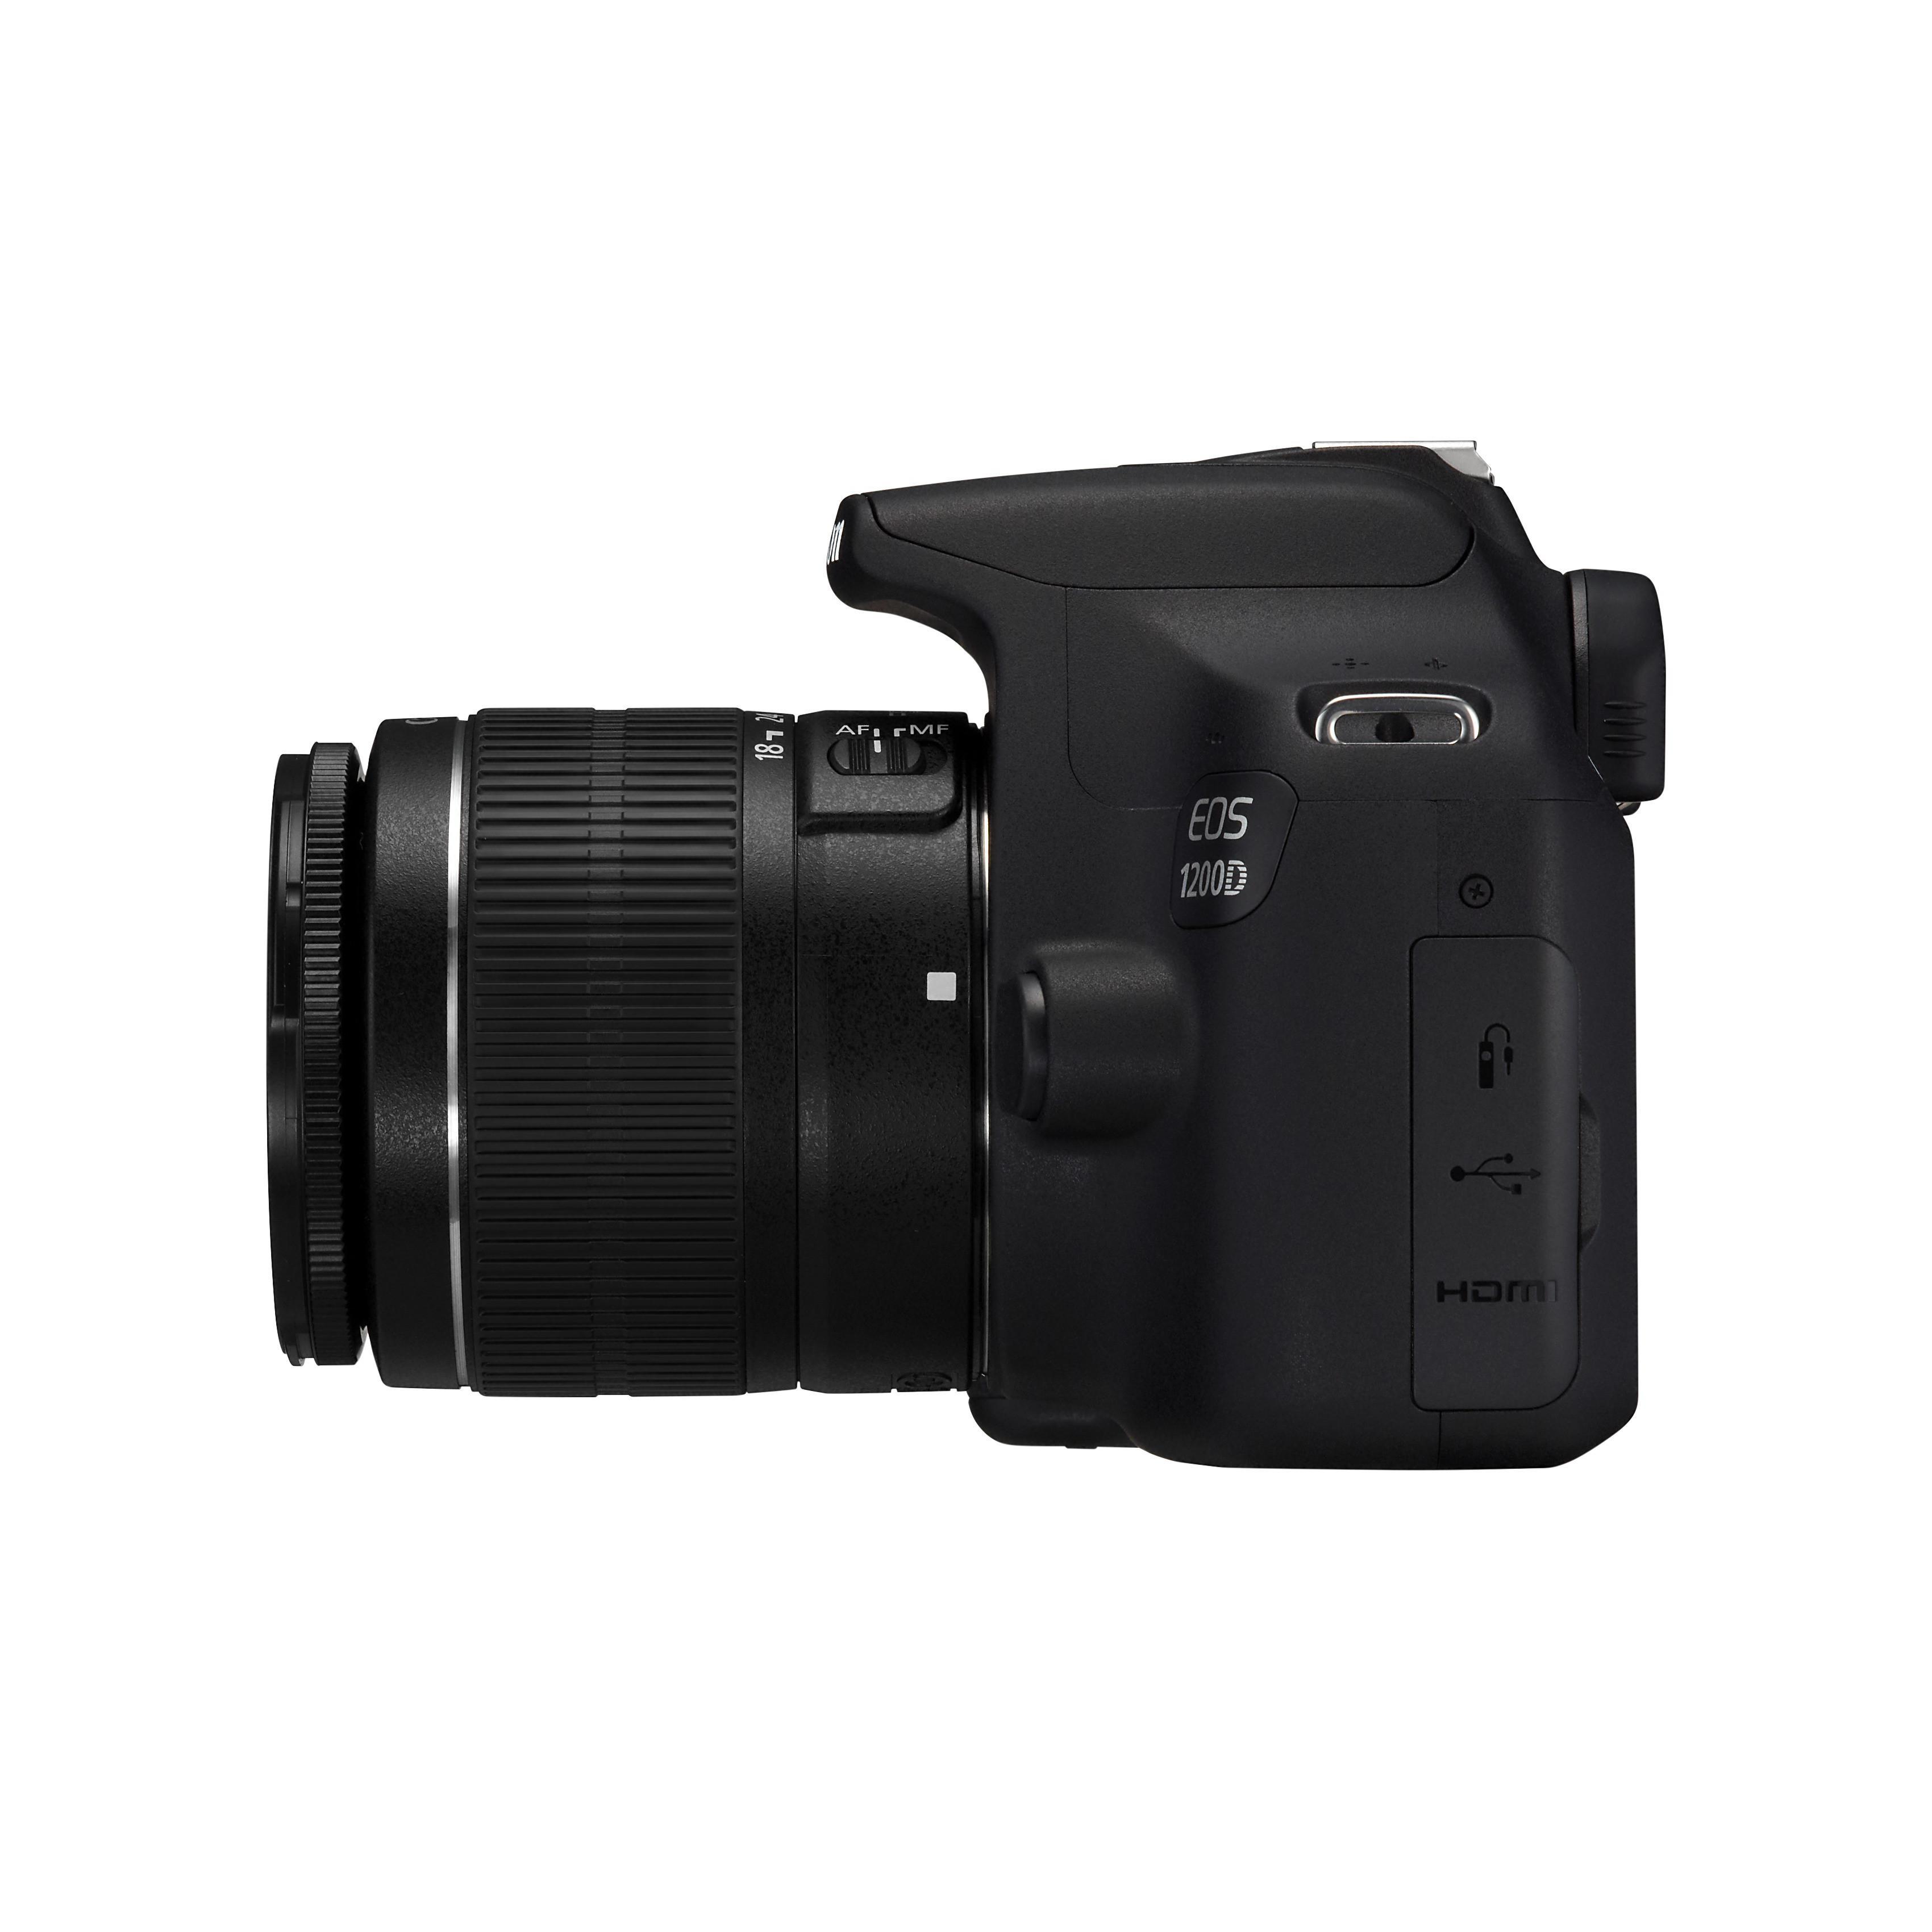 Reflex - Canon EOS 1200D + Objectif EF-S 18-55 III